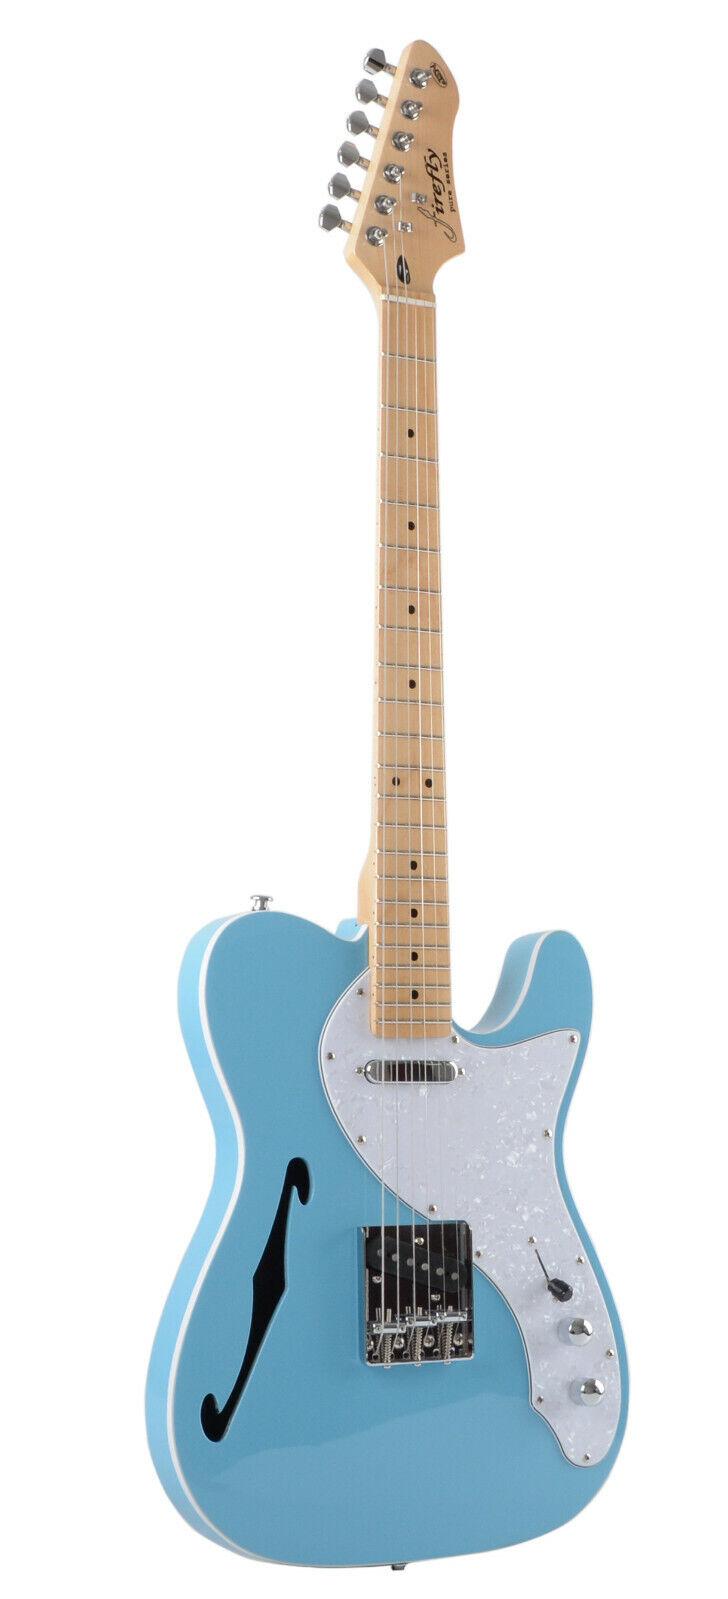 new ffth semi hollow body guitar electri